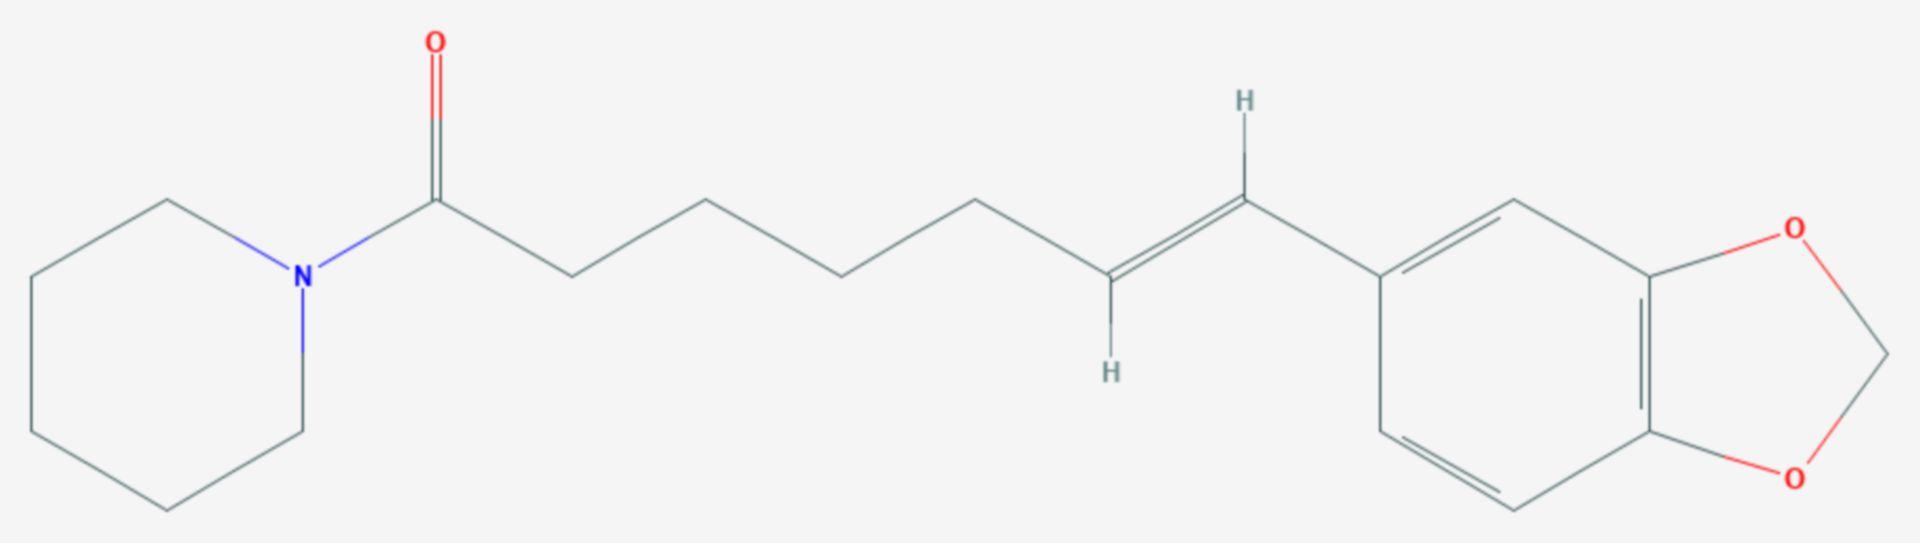 Piperettin (Strukturformel)